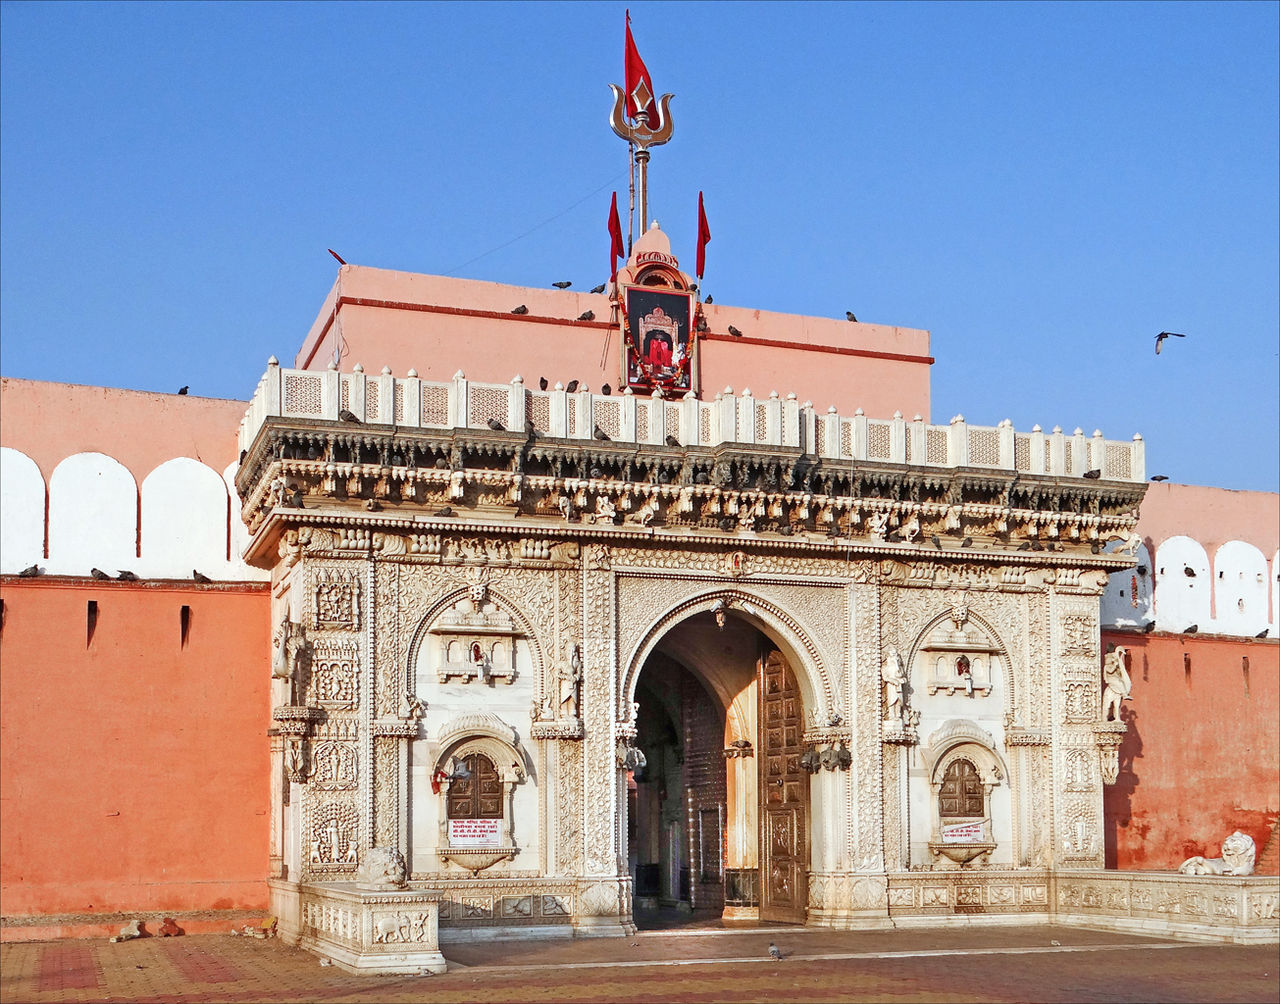 Popular Place to Visit in Bikaner, Rajasthan-Karni Mata Temple